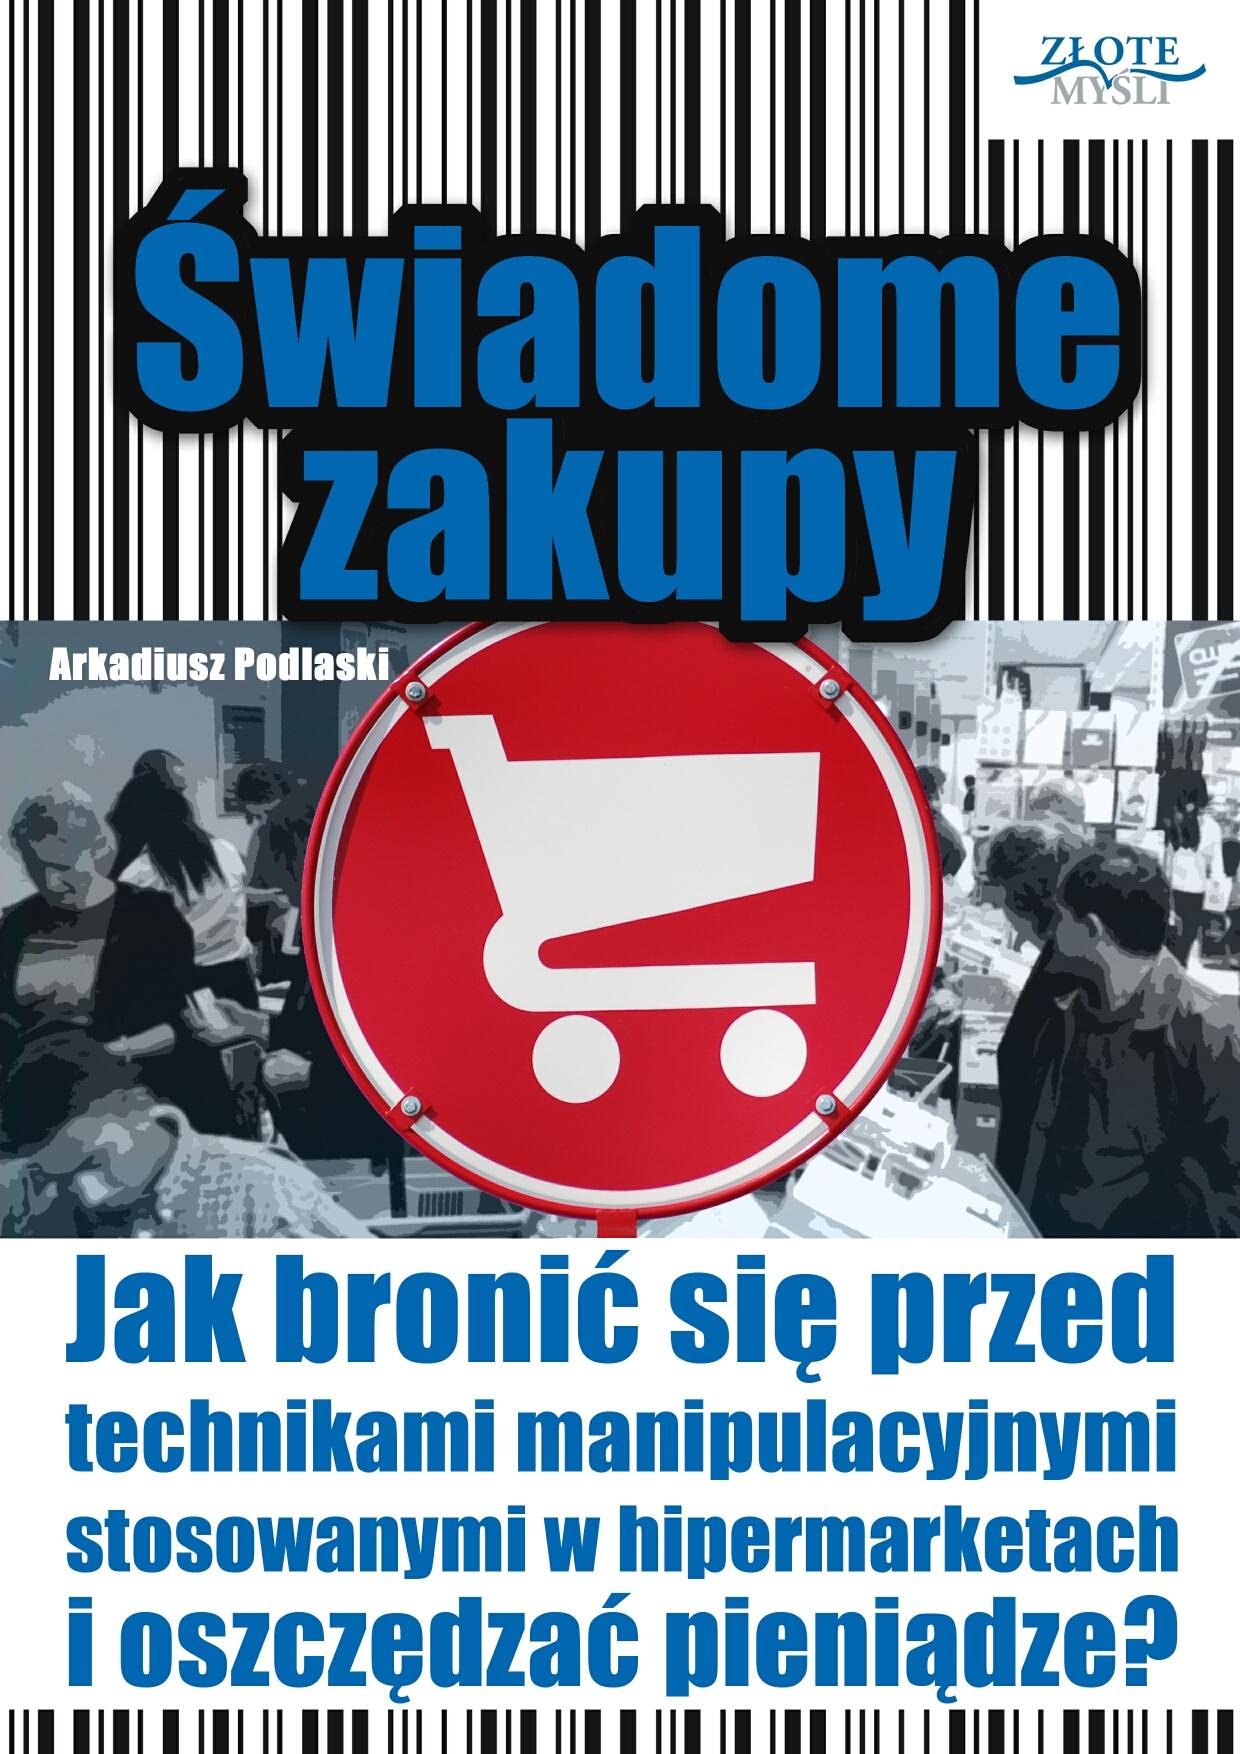 Arkadiusz Podlaski: Świadome zakupy - okładka